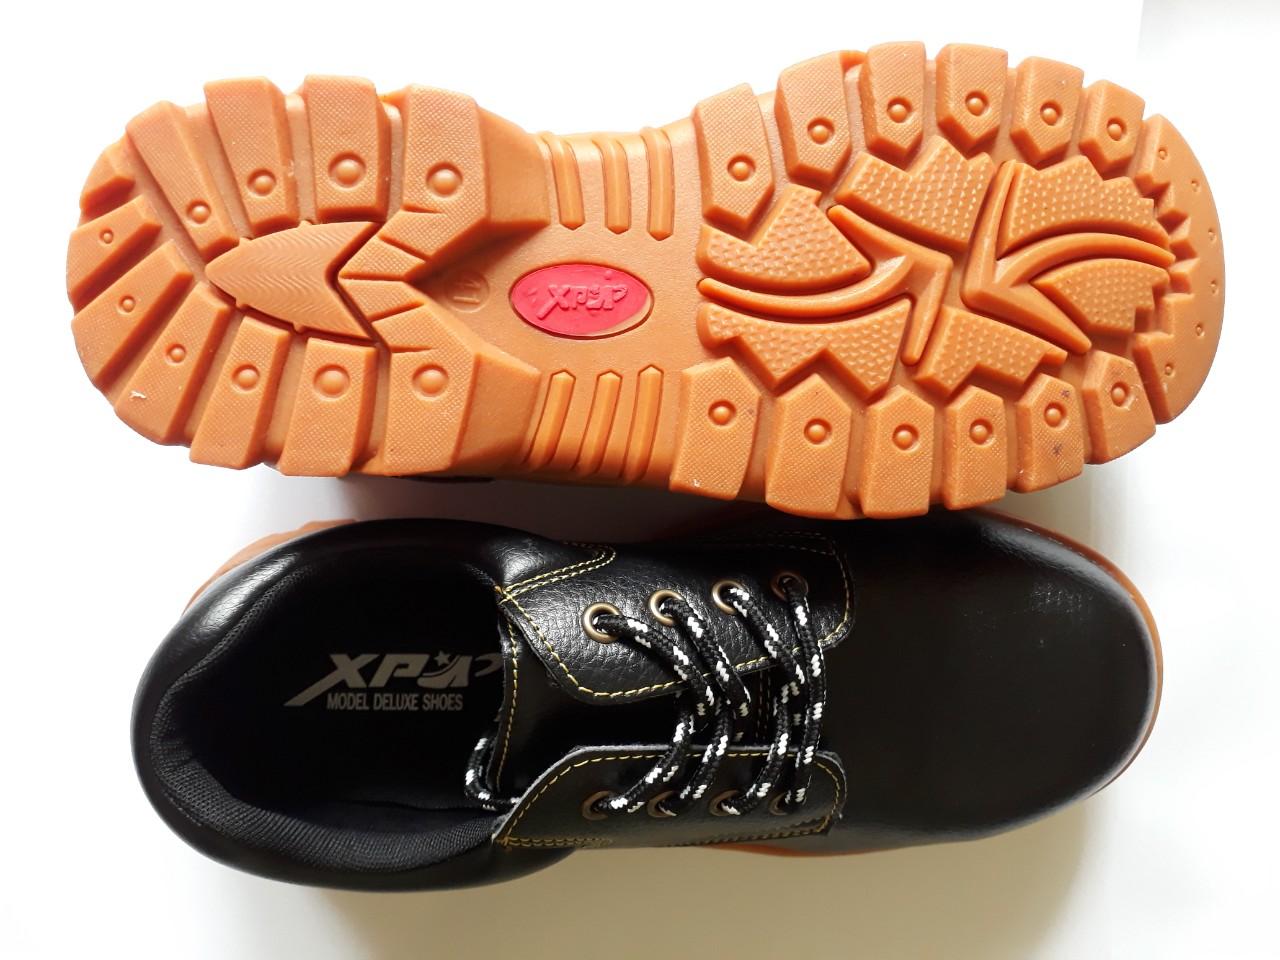 Giày bảo hộ lao động ABC, XP mũi sắt giá rẻ nhất Hồ Chí Minh